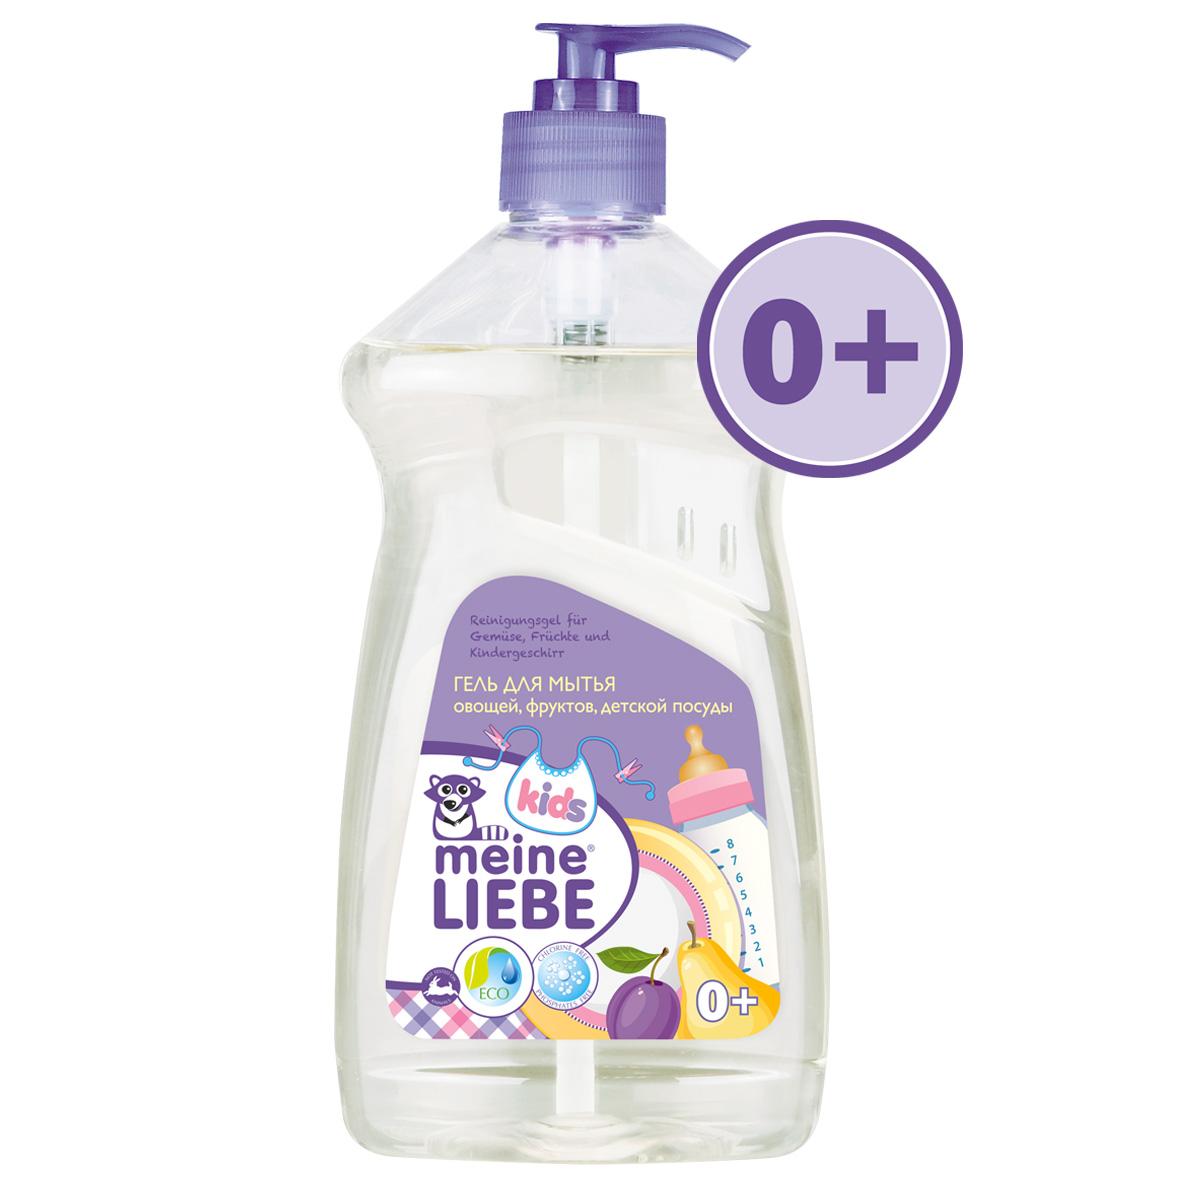 Гель Meine Liebe для мытья посуды 485 мл. (для овощей, фруктов и игрушек)<br>